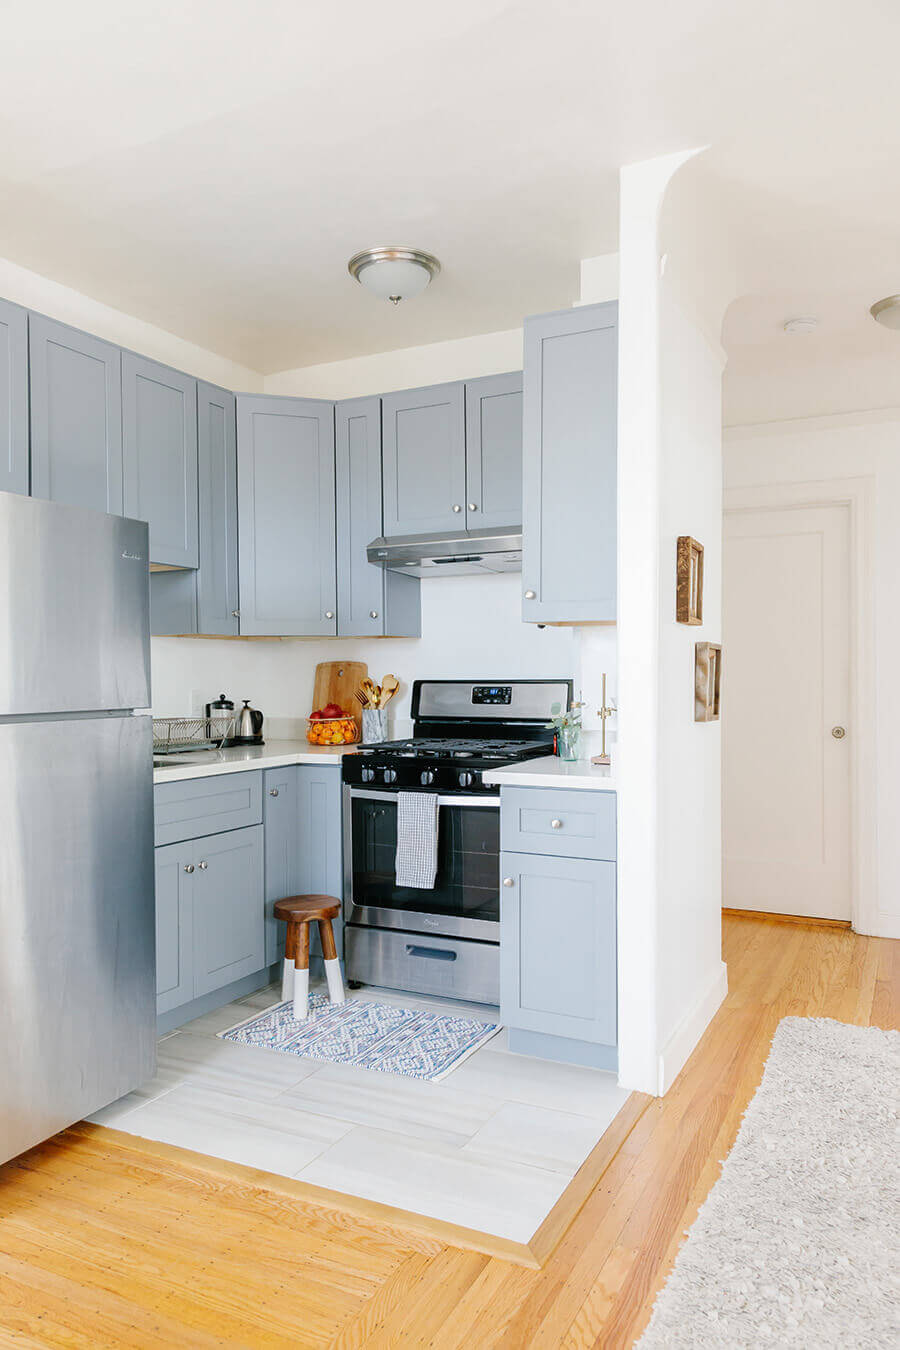 Nina-Cares-Home-Tour-Decoracao-Escandinava-cozinha-azul